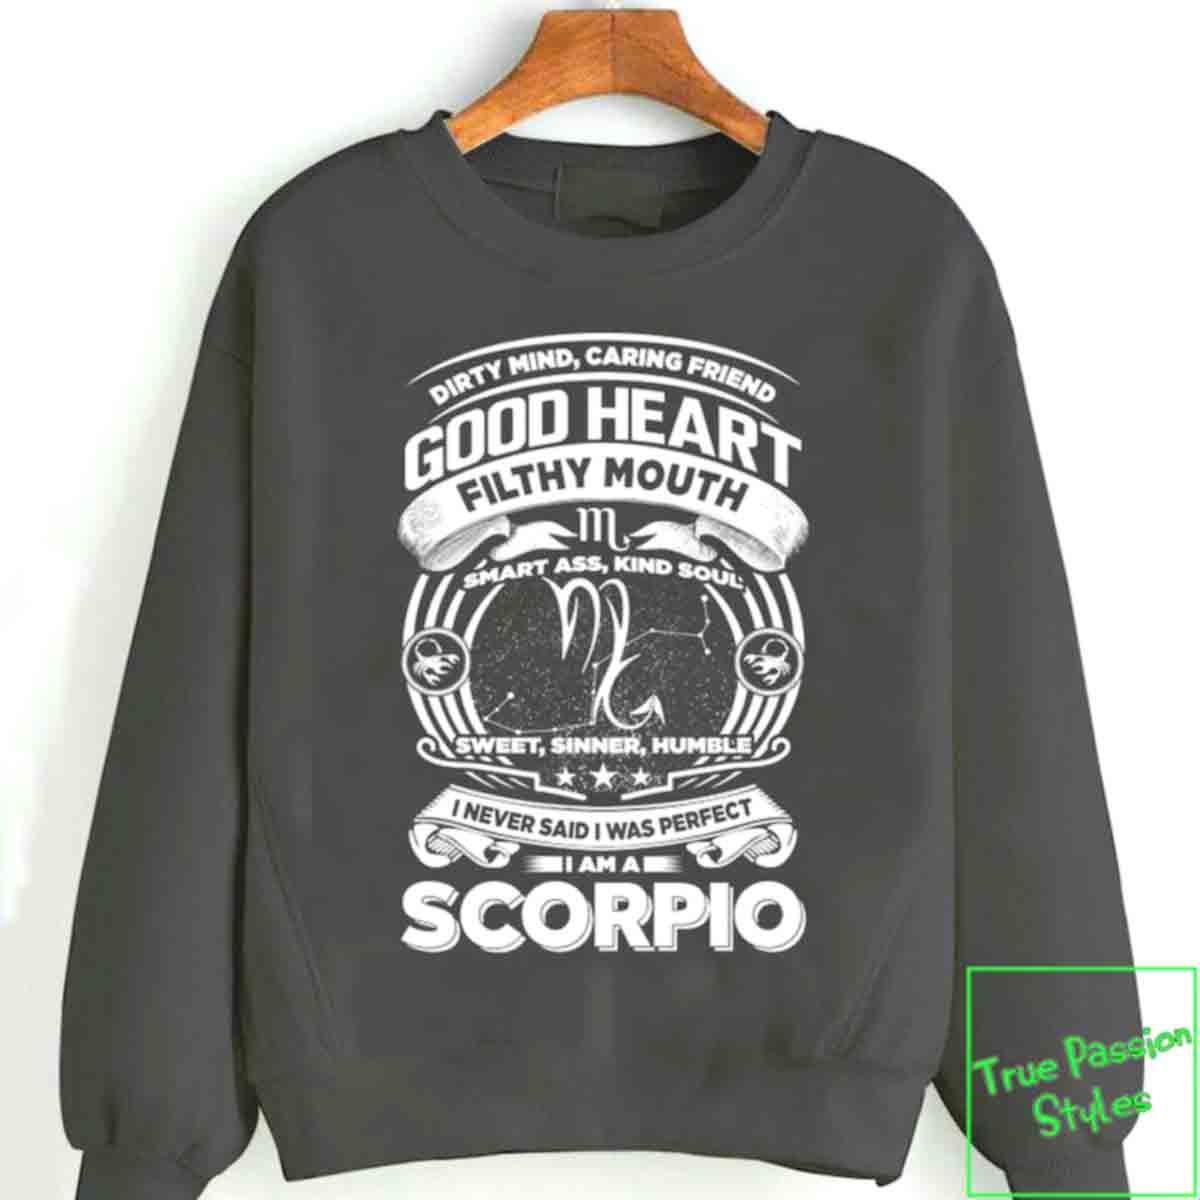 best-gifts-for-scorpio-personalized-scorpio-sweatshirt